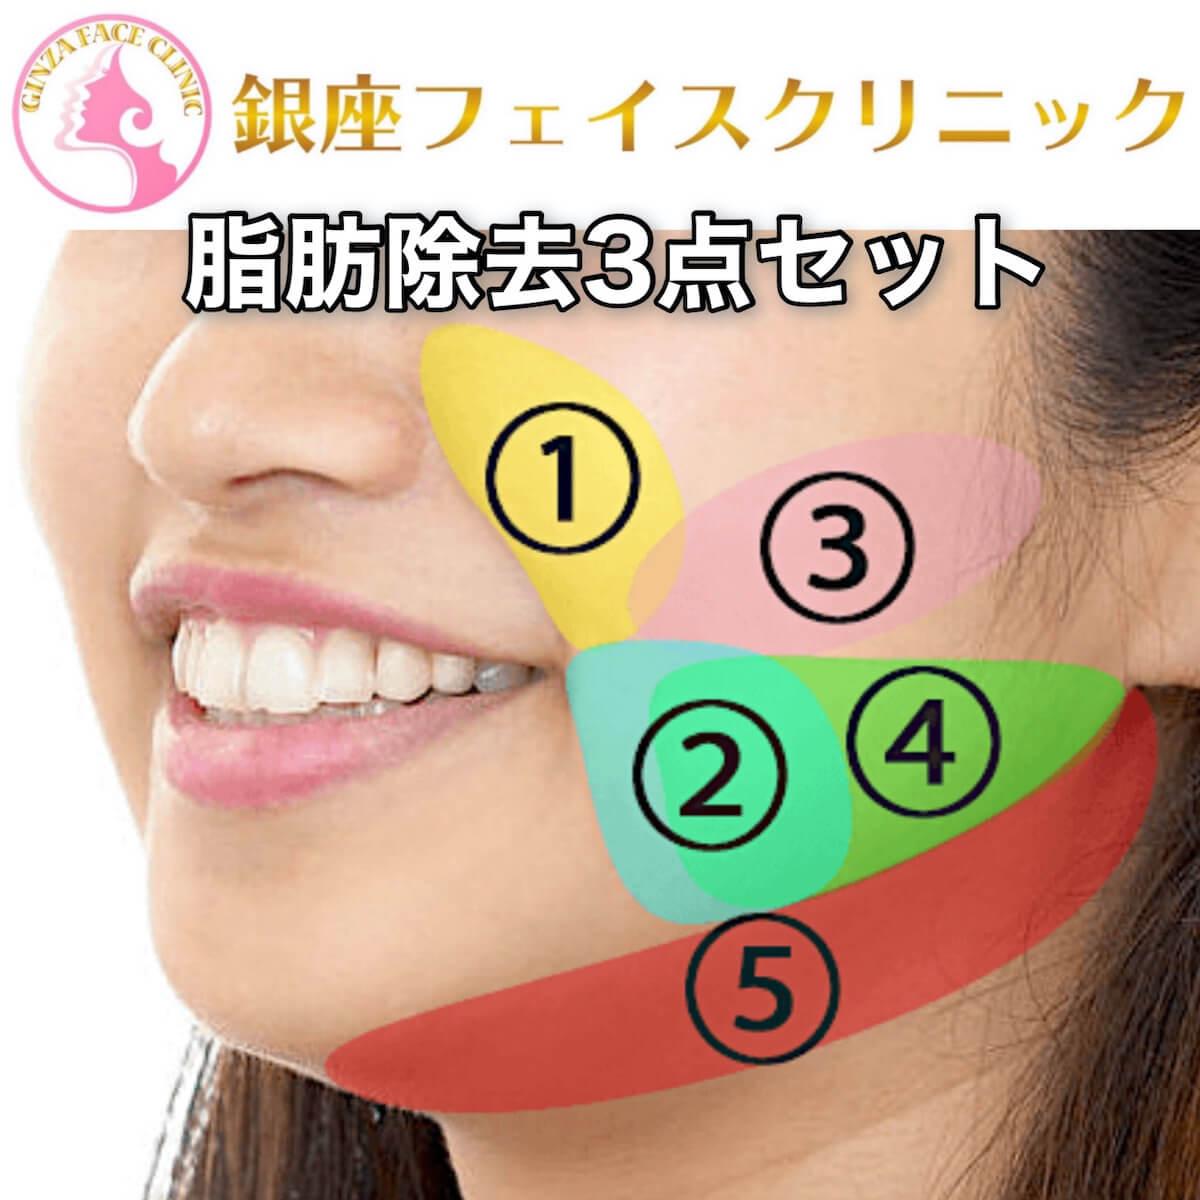 「お顔の脂肪除去3点セット」のTOP画像